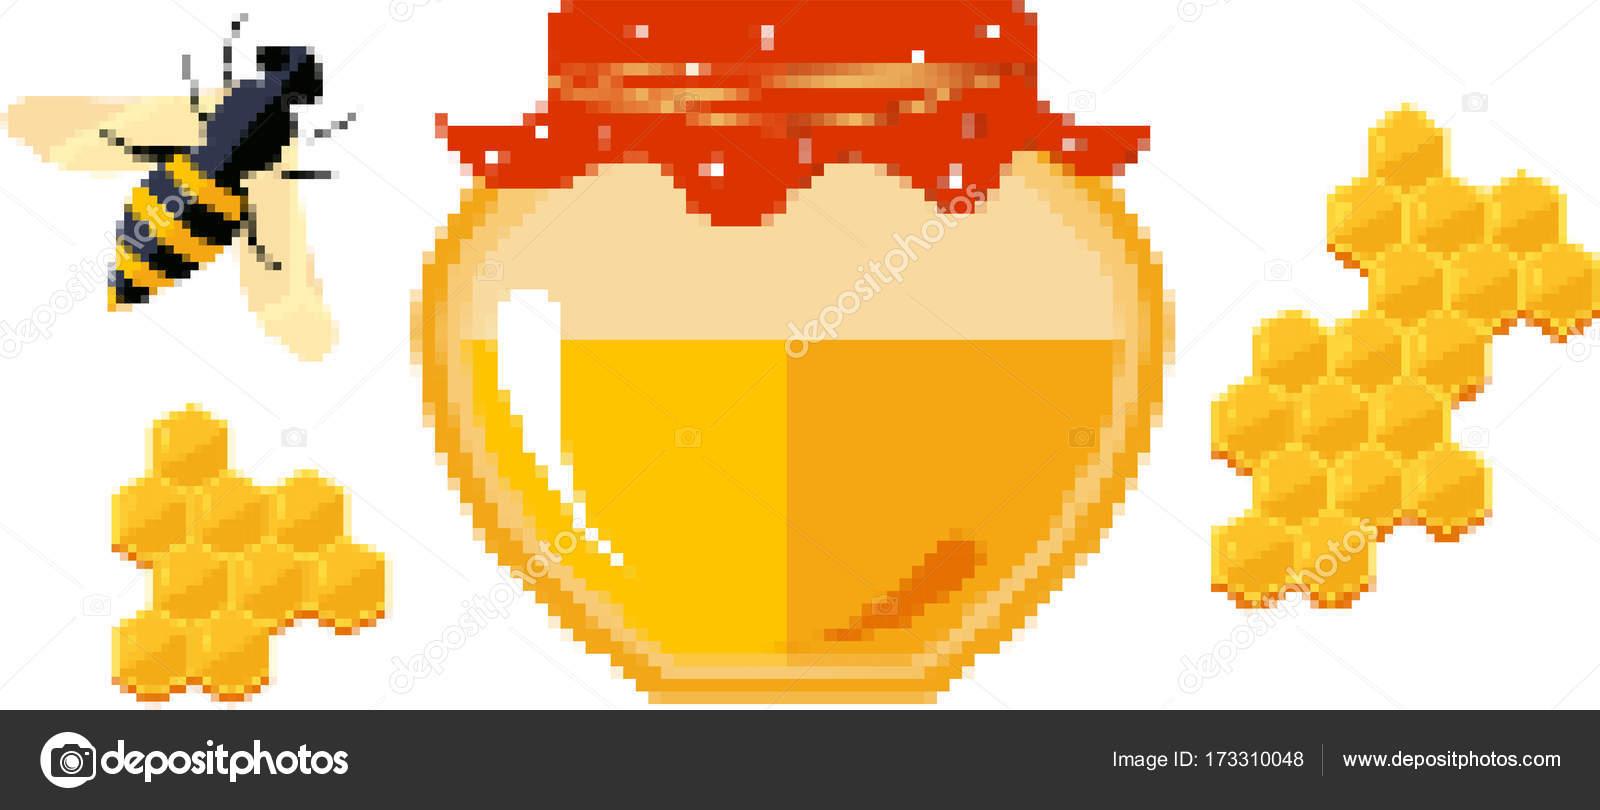 Pixel Art Easy Cute Food Set Of Food Icons In Pixel Style